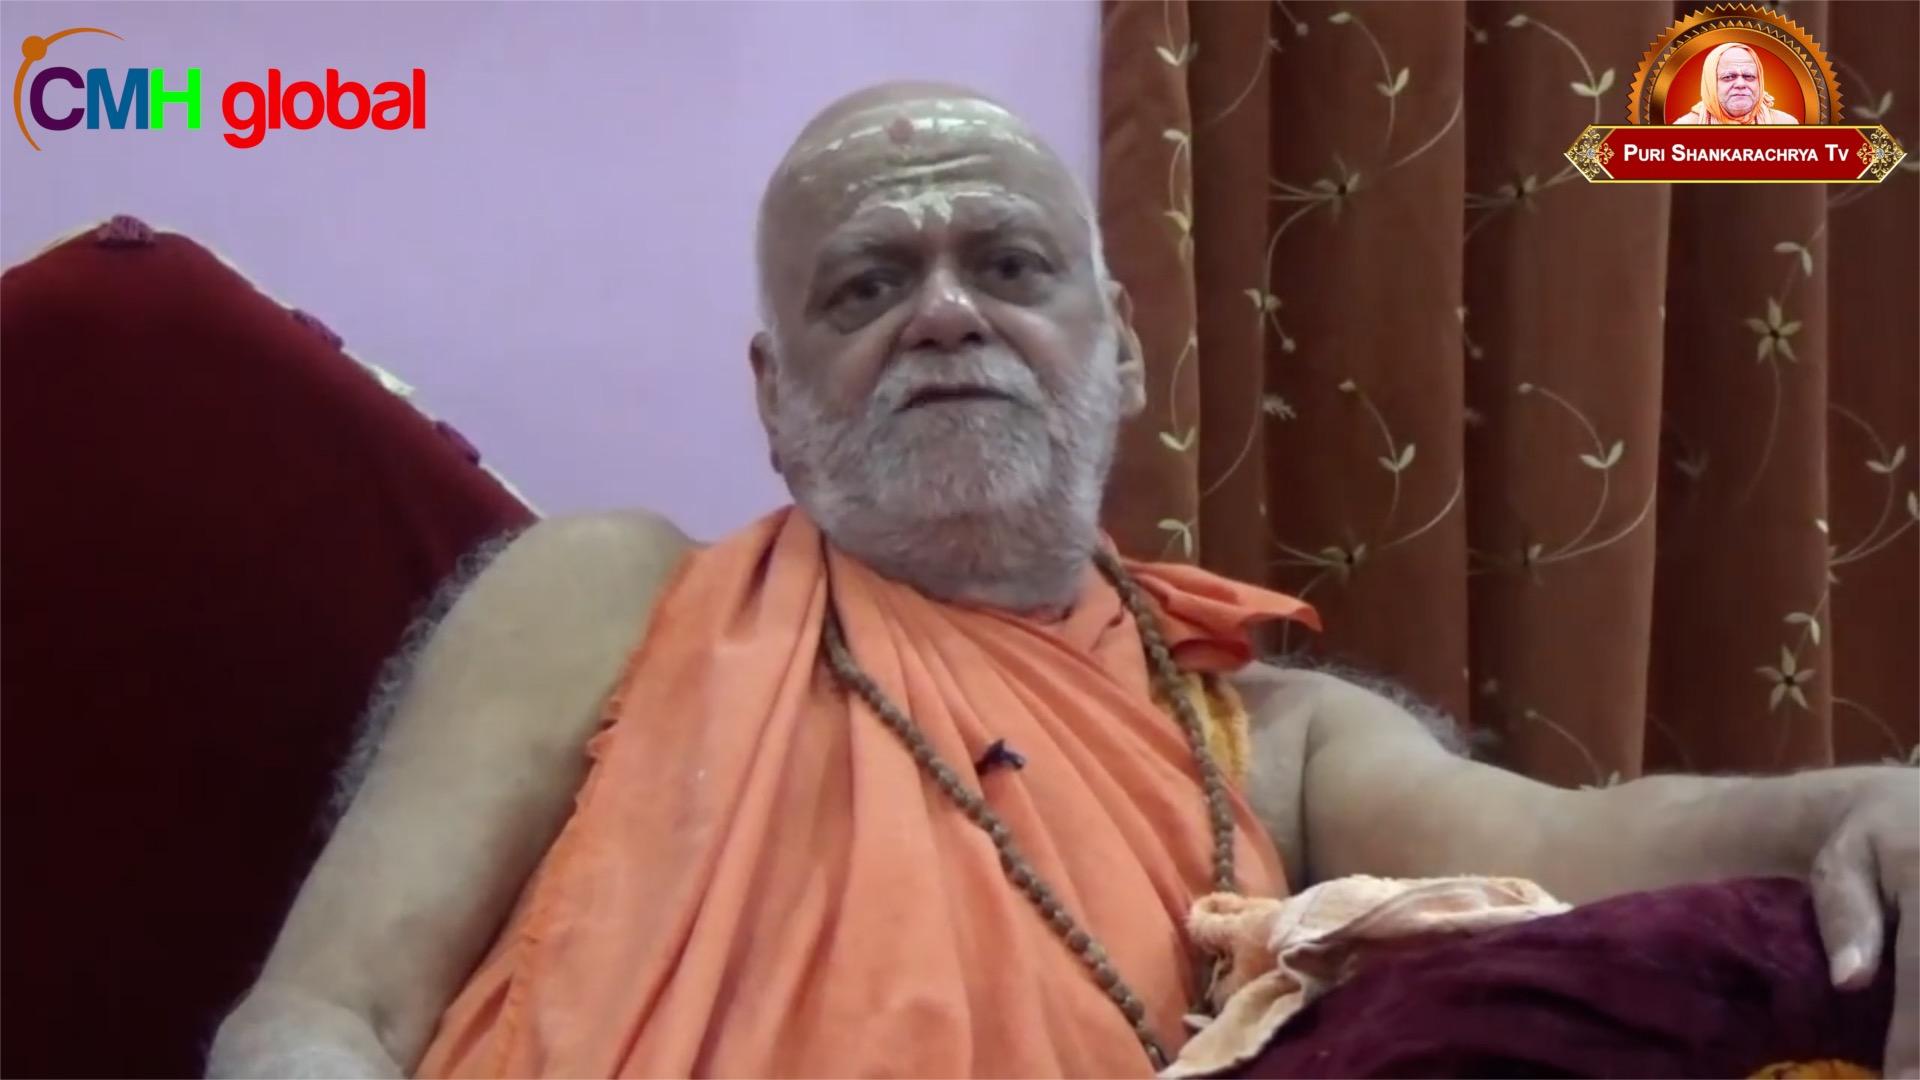 Gyan Dhara Ep -58 by Puri Shankaracharya Swami Nishchalananda Saraswati Ji